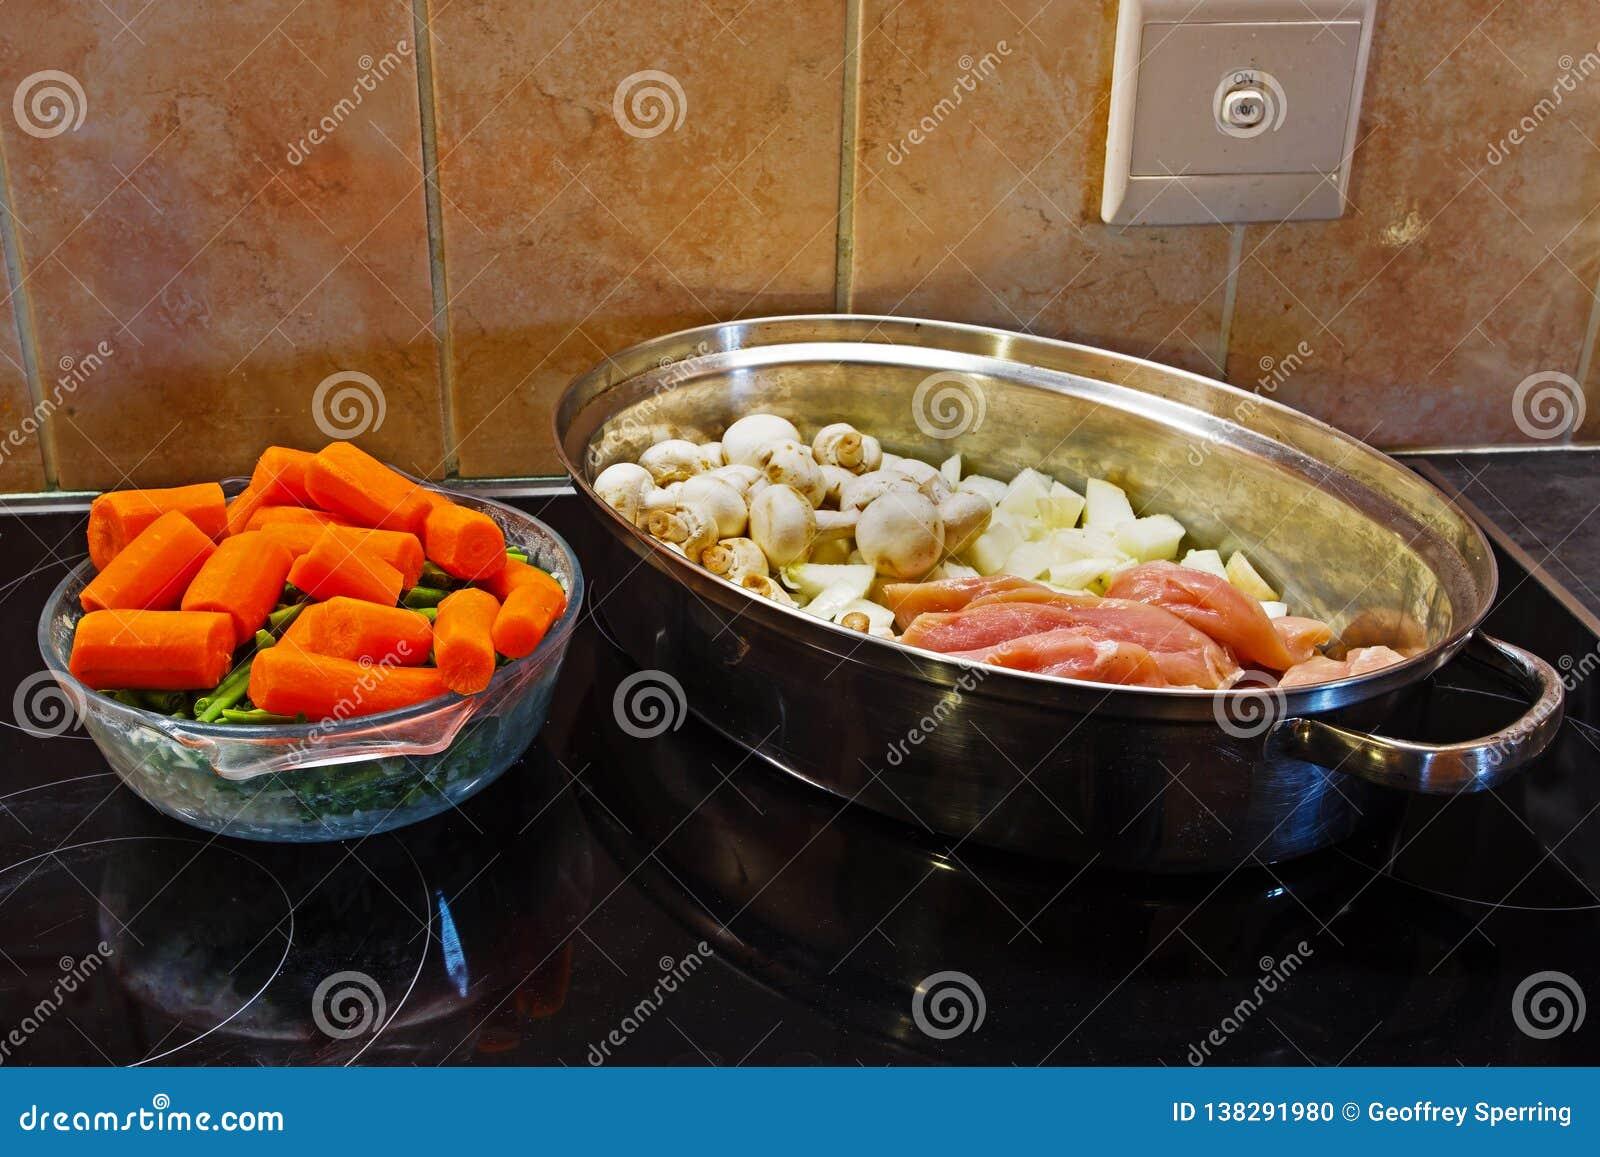 鸡肉沙锅菜的未加工的成份